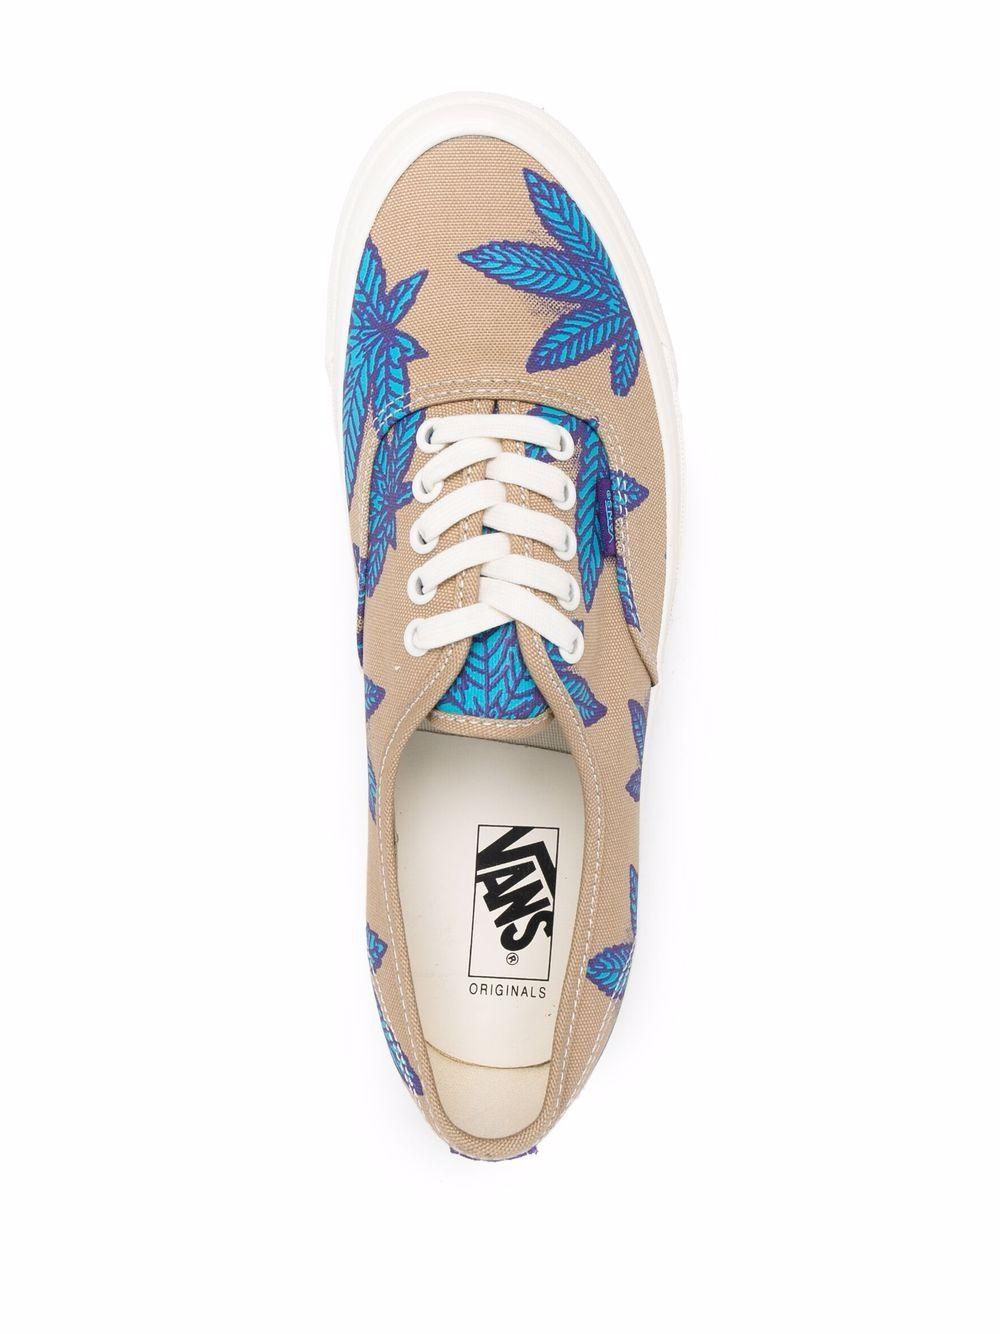 sneakers og authentic uomo beige VANS VAULT | Sneakers | VN0A4BV94JL1